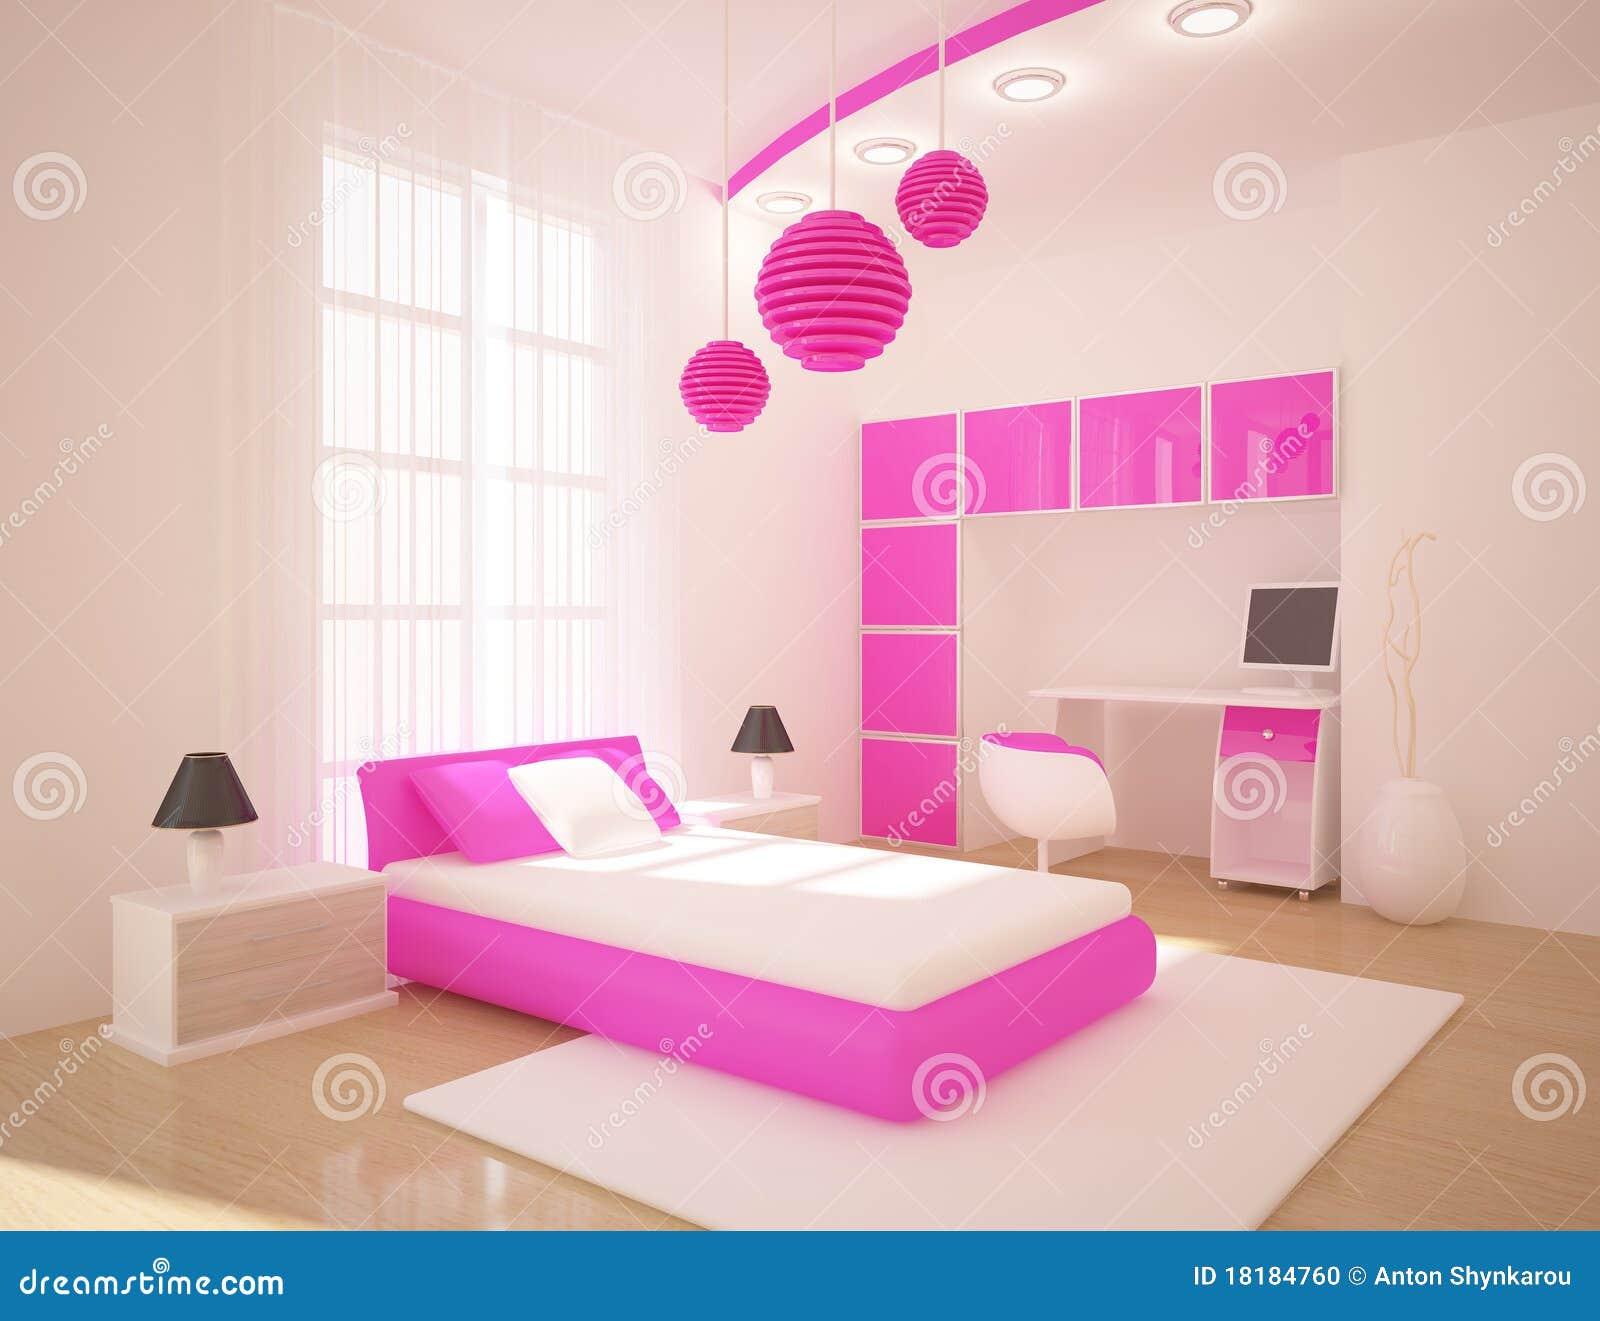 Orange schlafzimmer stockbilder   bild: 15577944